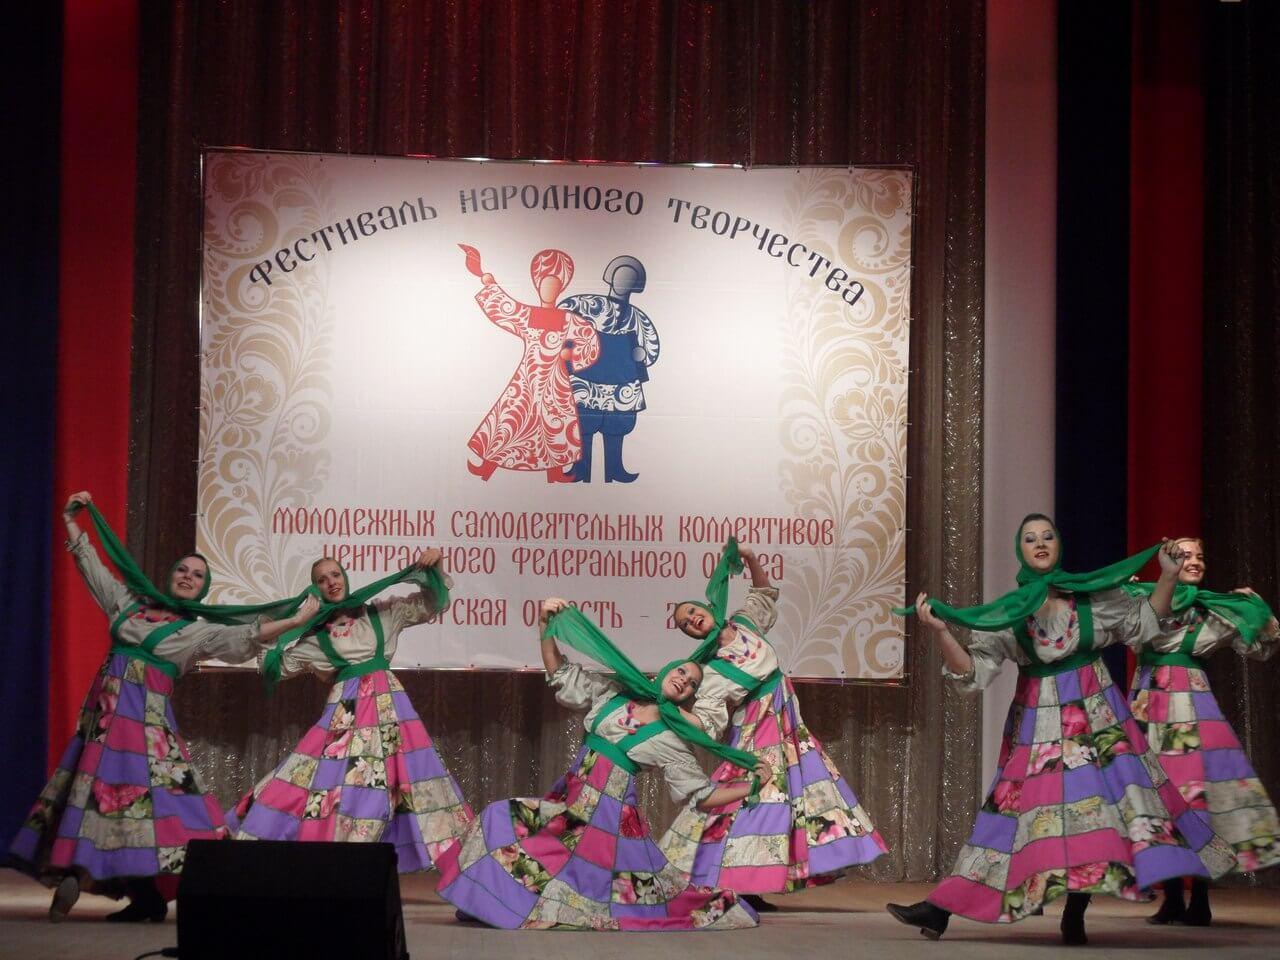 В Калязине пройдет фестиваль традиционного народного творчества молодежных самодеятельных коллективов ЦФО